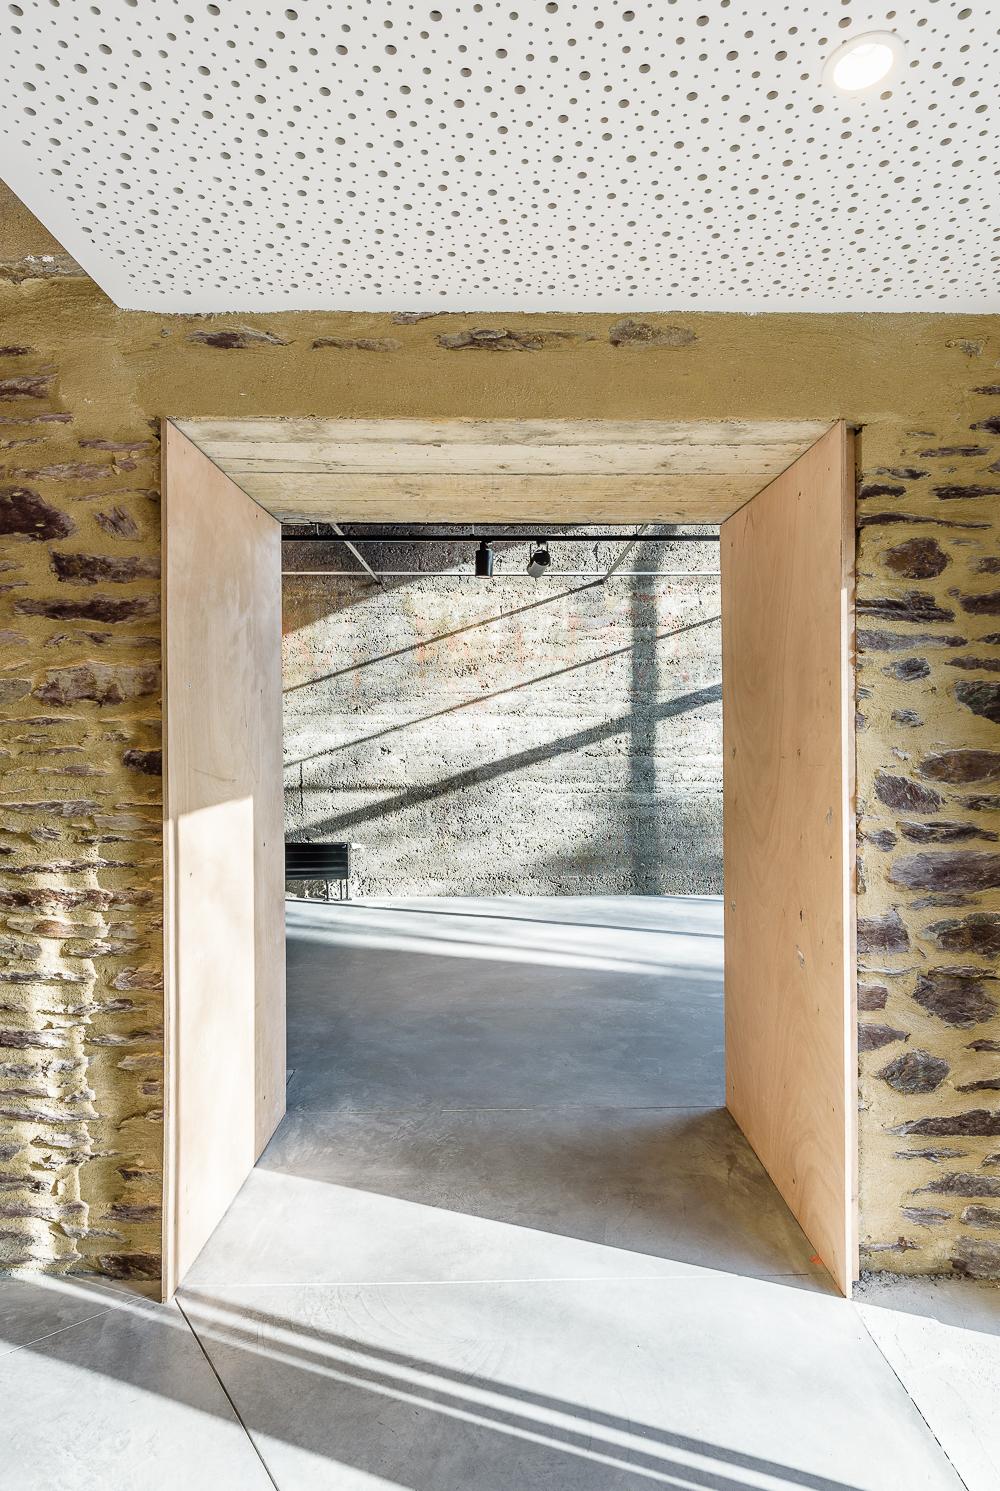 photographe d 39 architecture intervalphoto atelier l2 hall gp9 la courrouze rennes 35. Black Bedroom Furniture Sets. Home Design Ideas